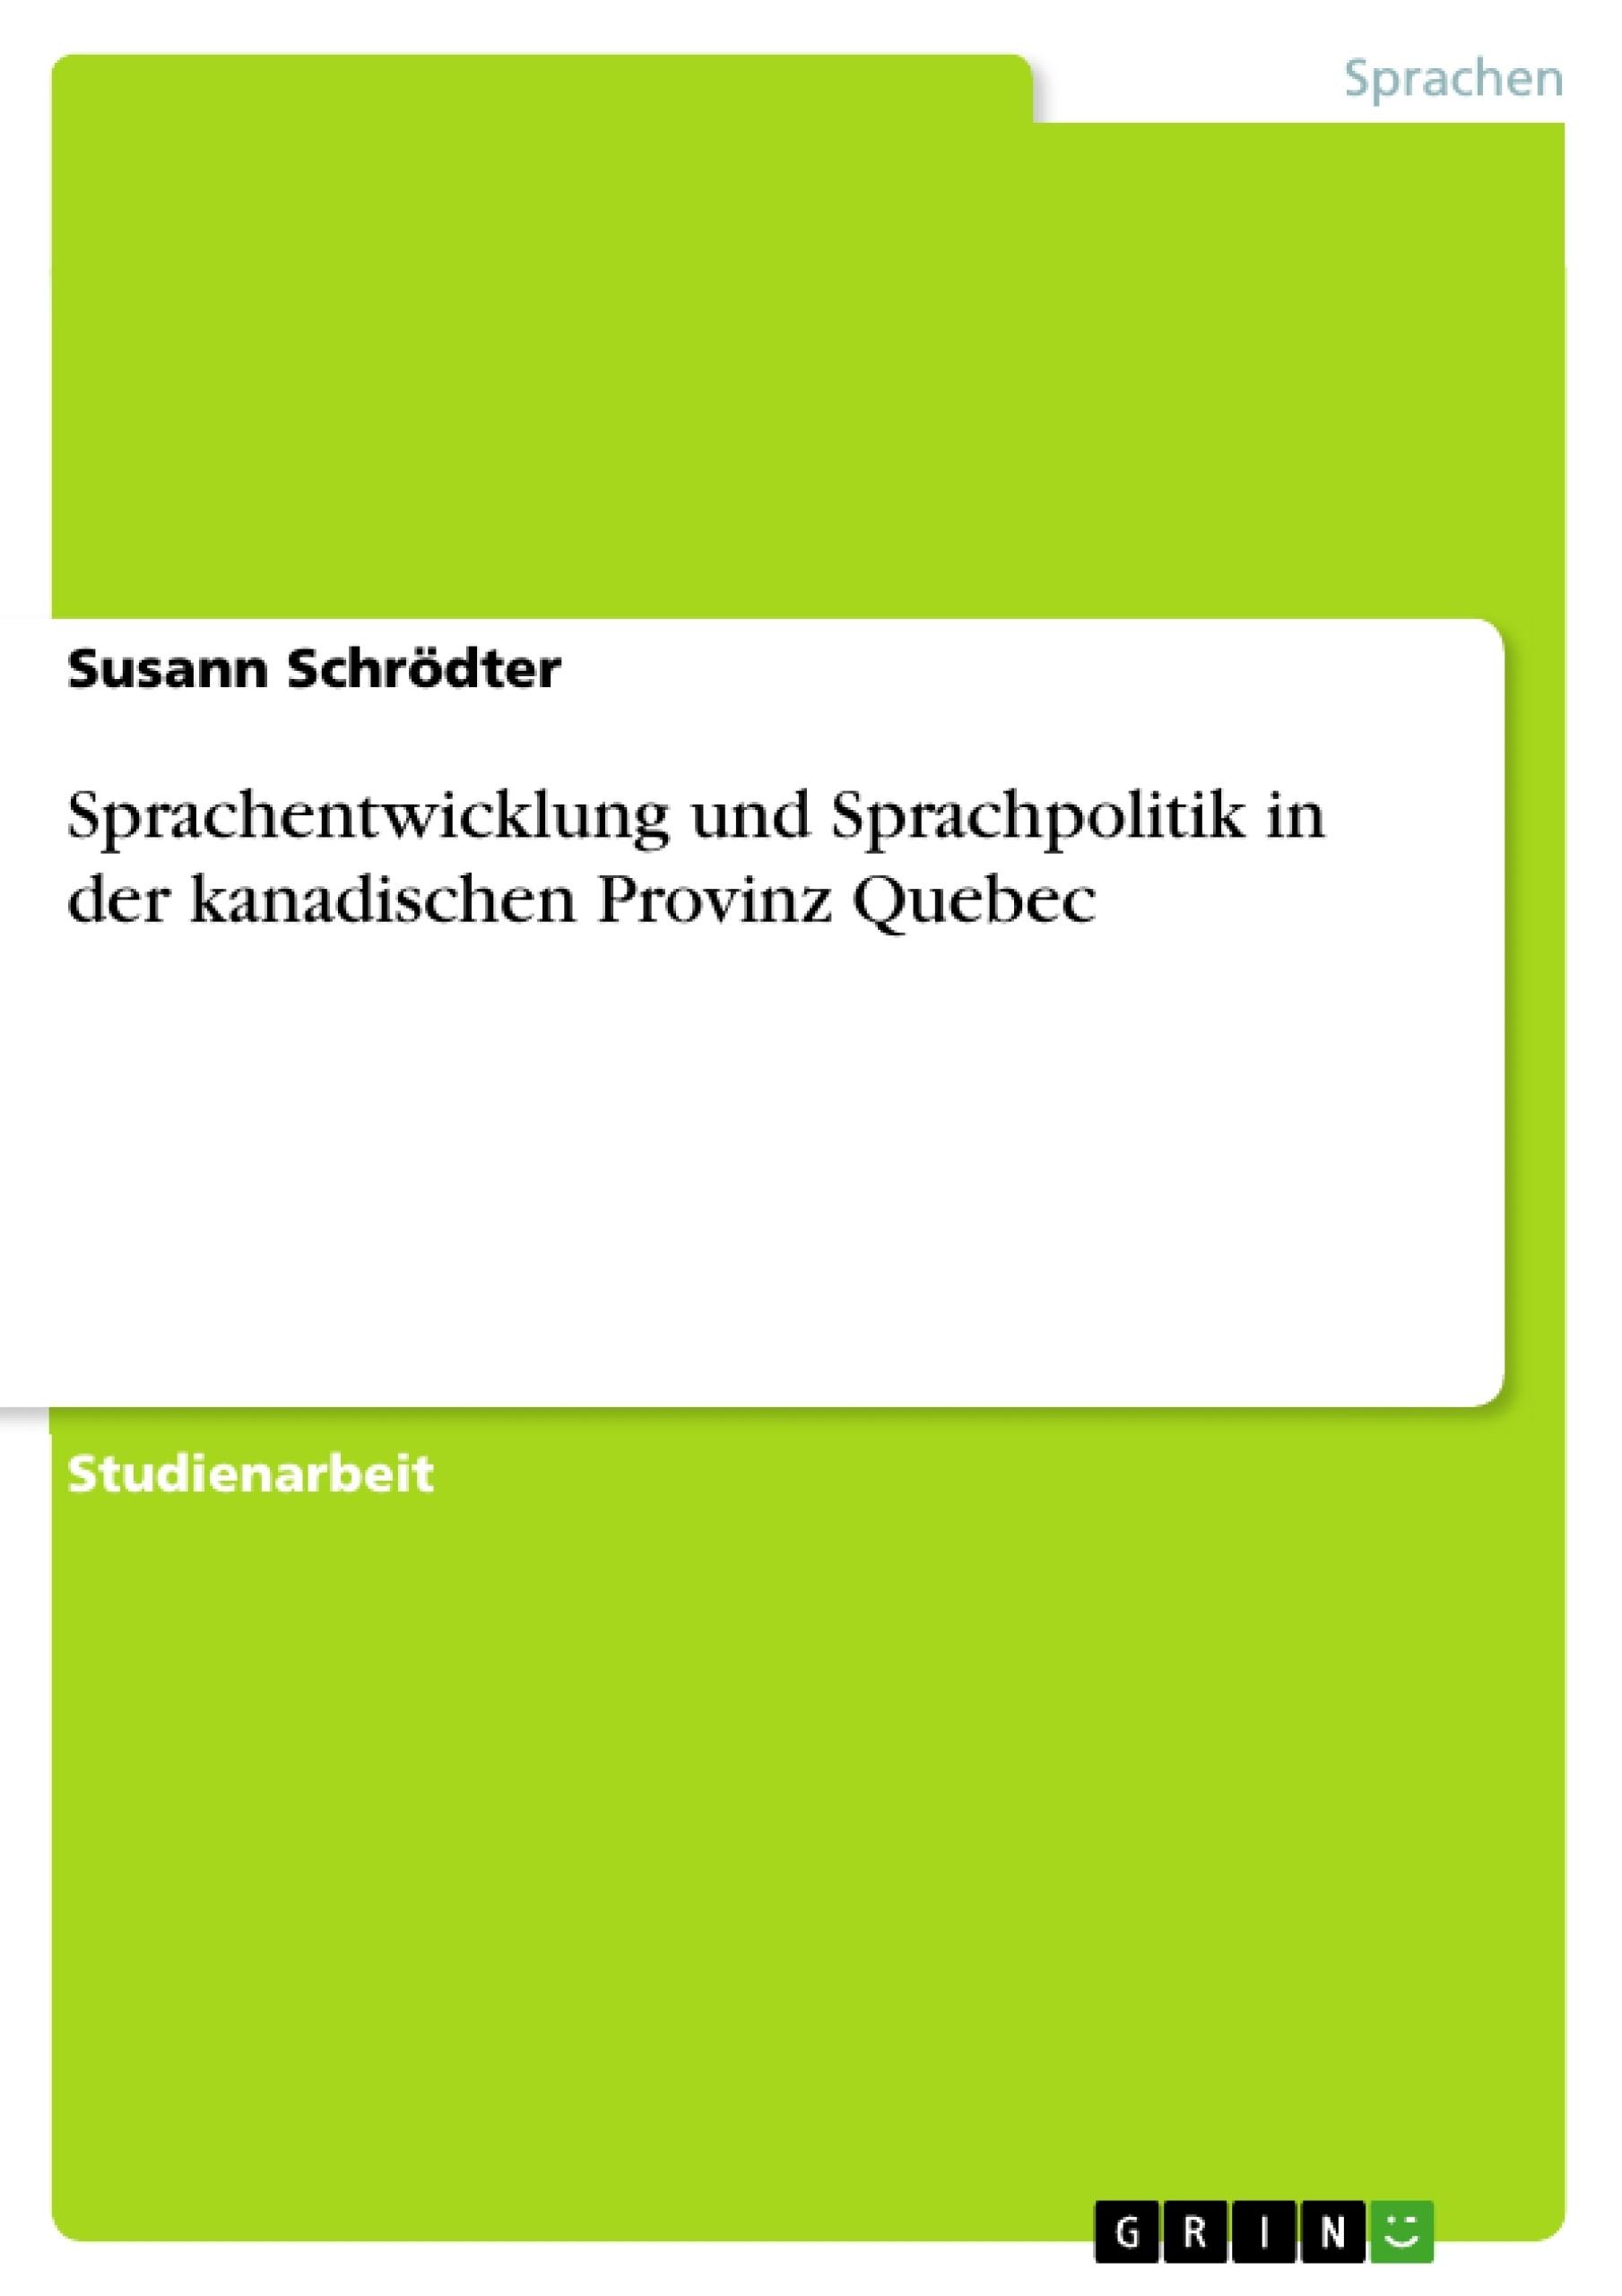 Titel: Sprachentwicklung und Sprachpolitik  in der kanadischen Provinz Quebec